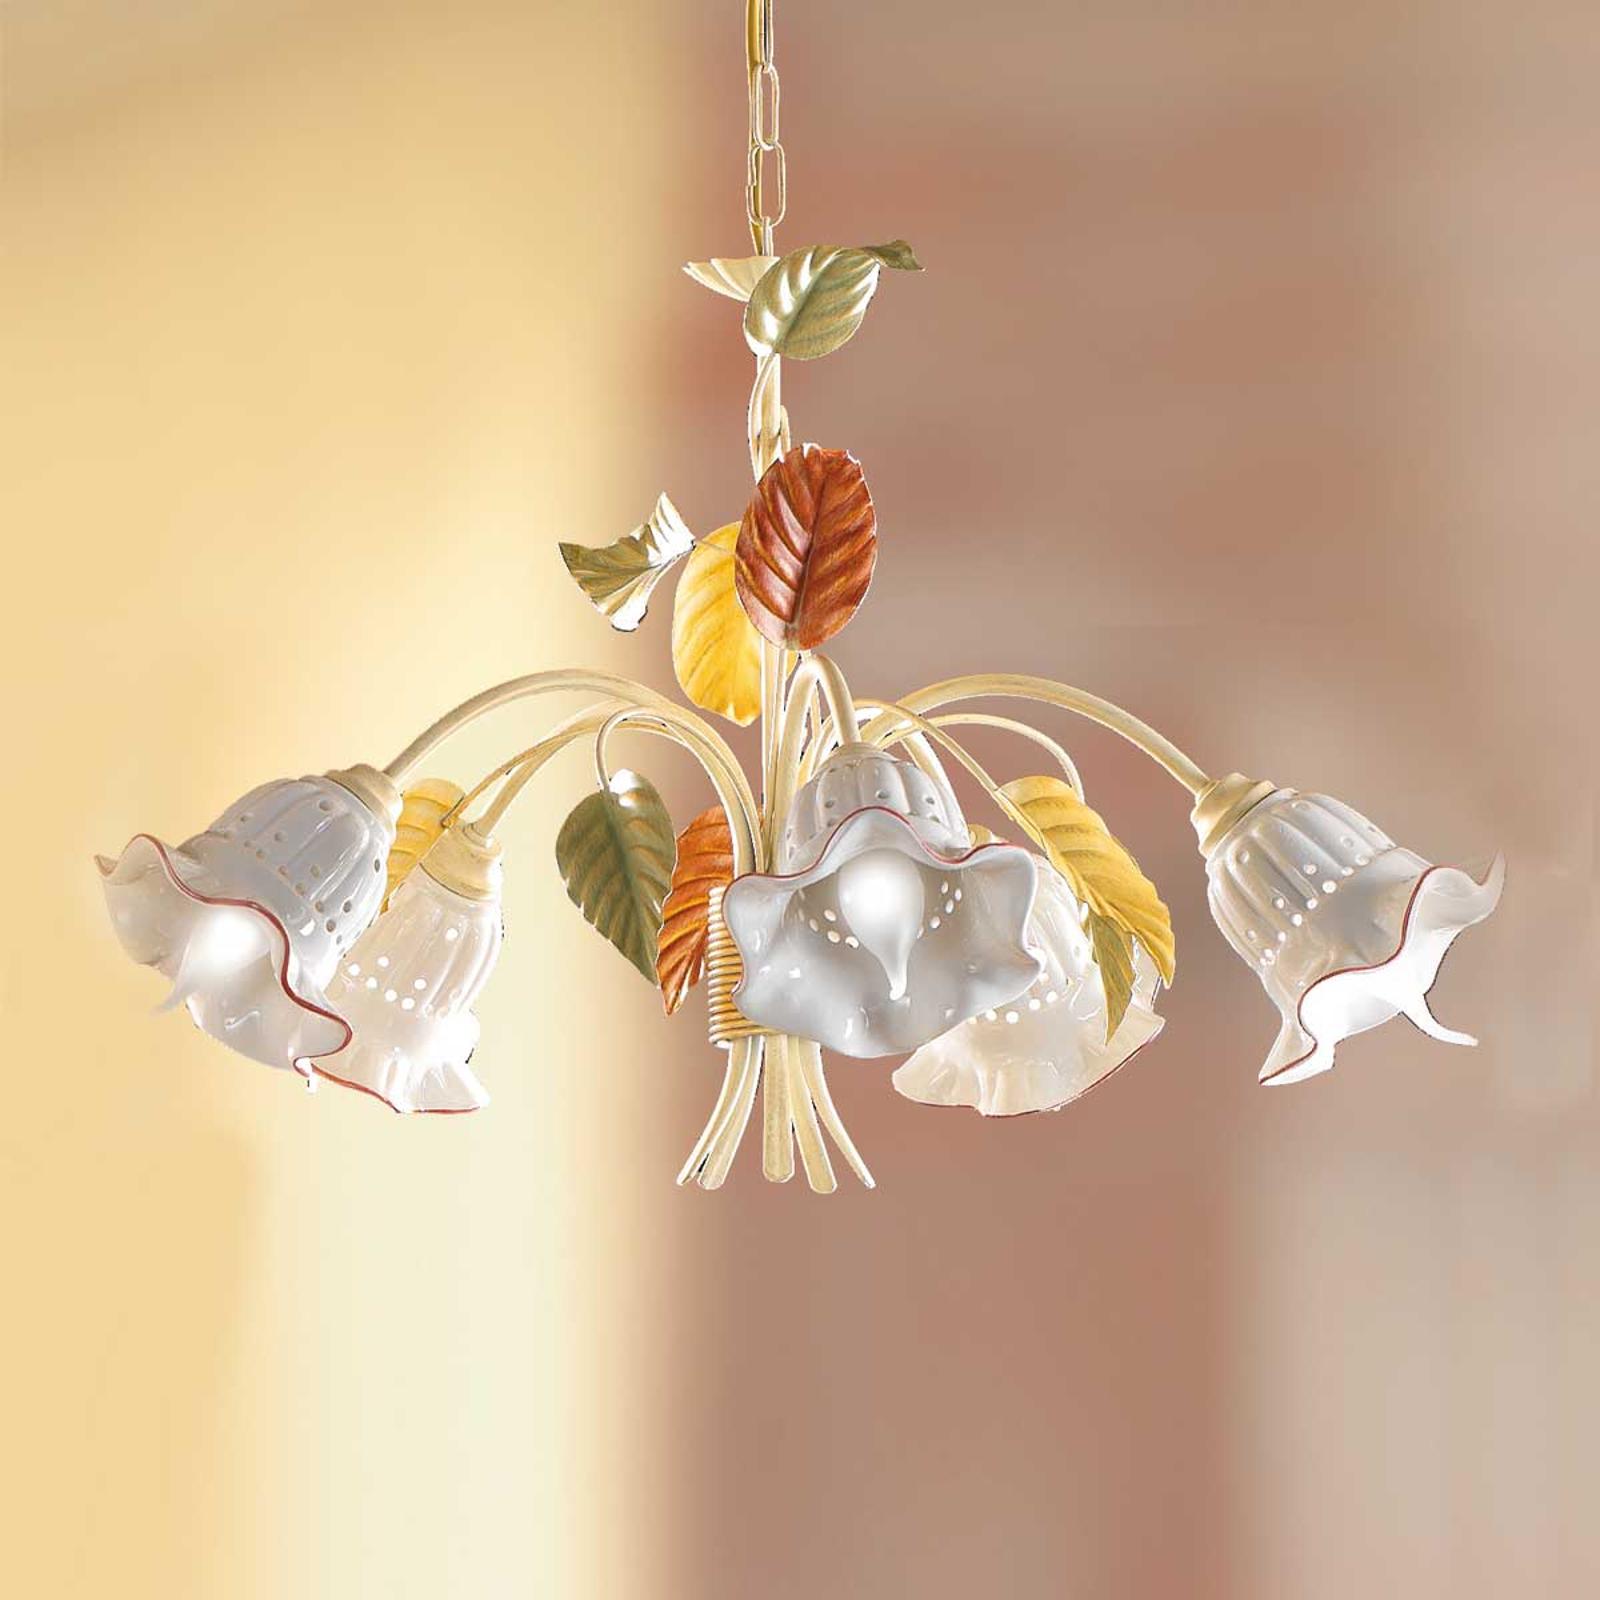 Závěsné světlo Flora florentinský styl 5zdrojové